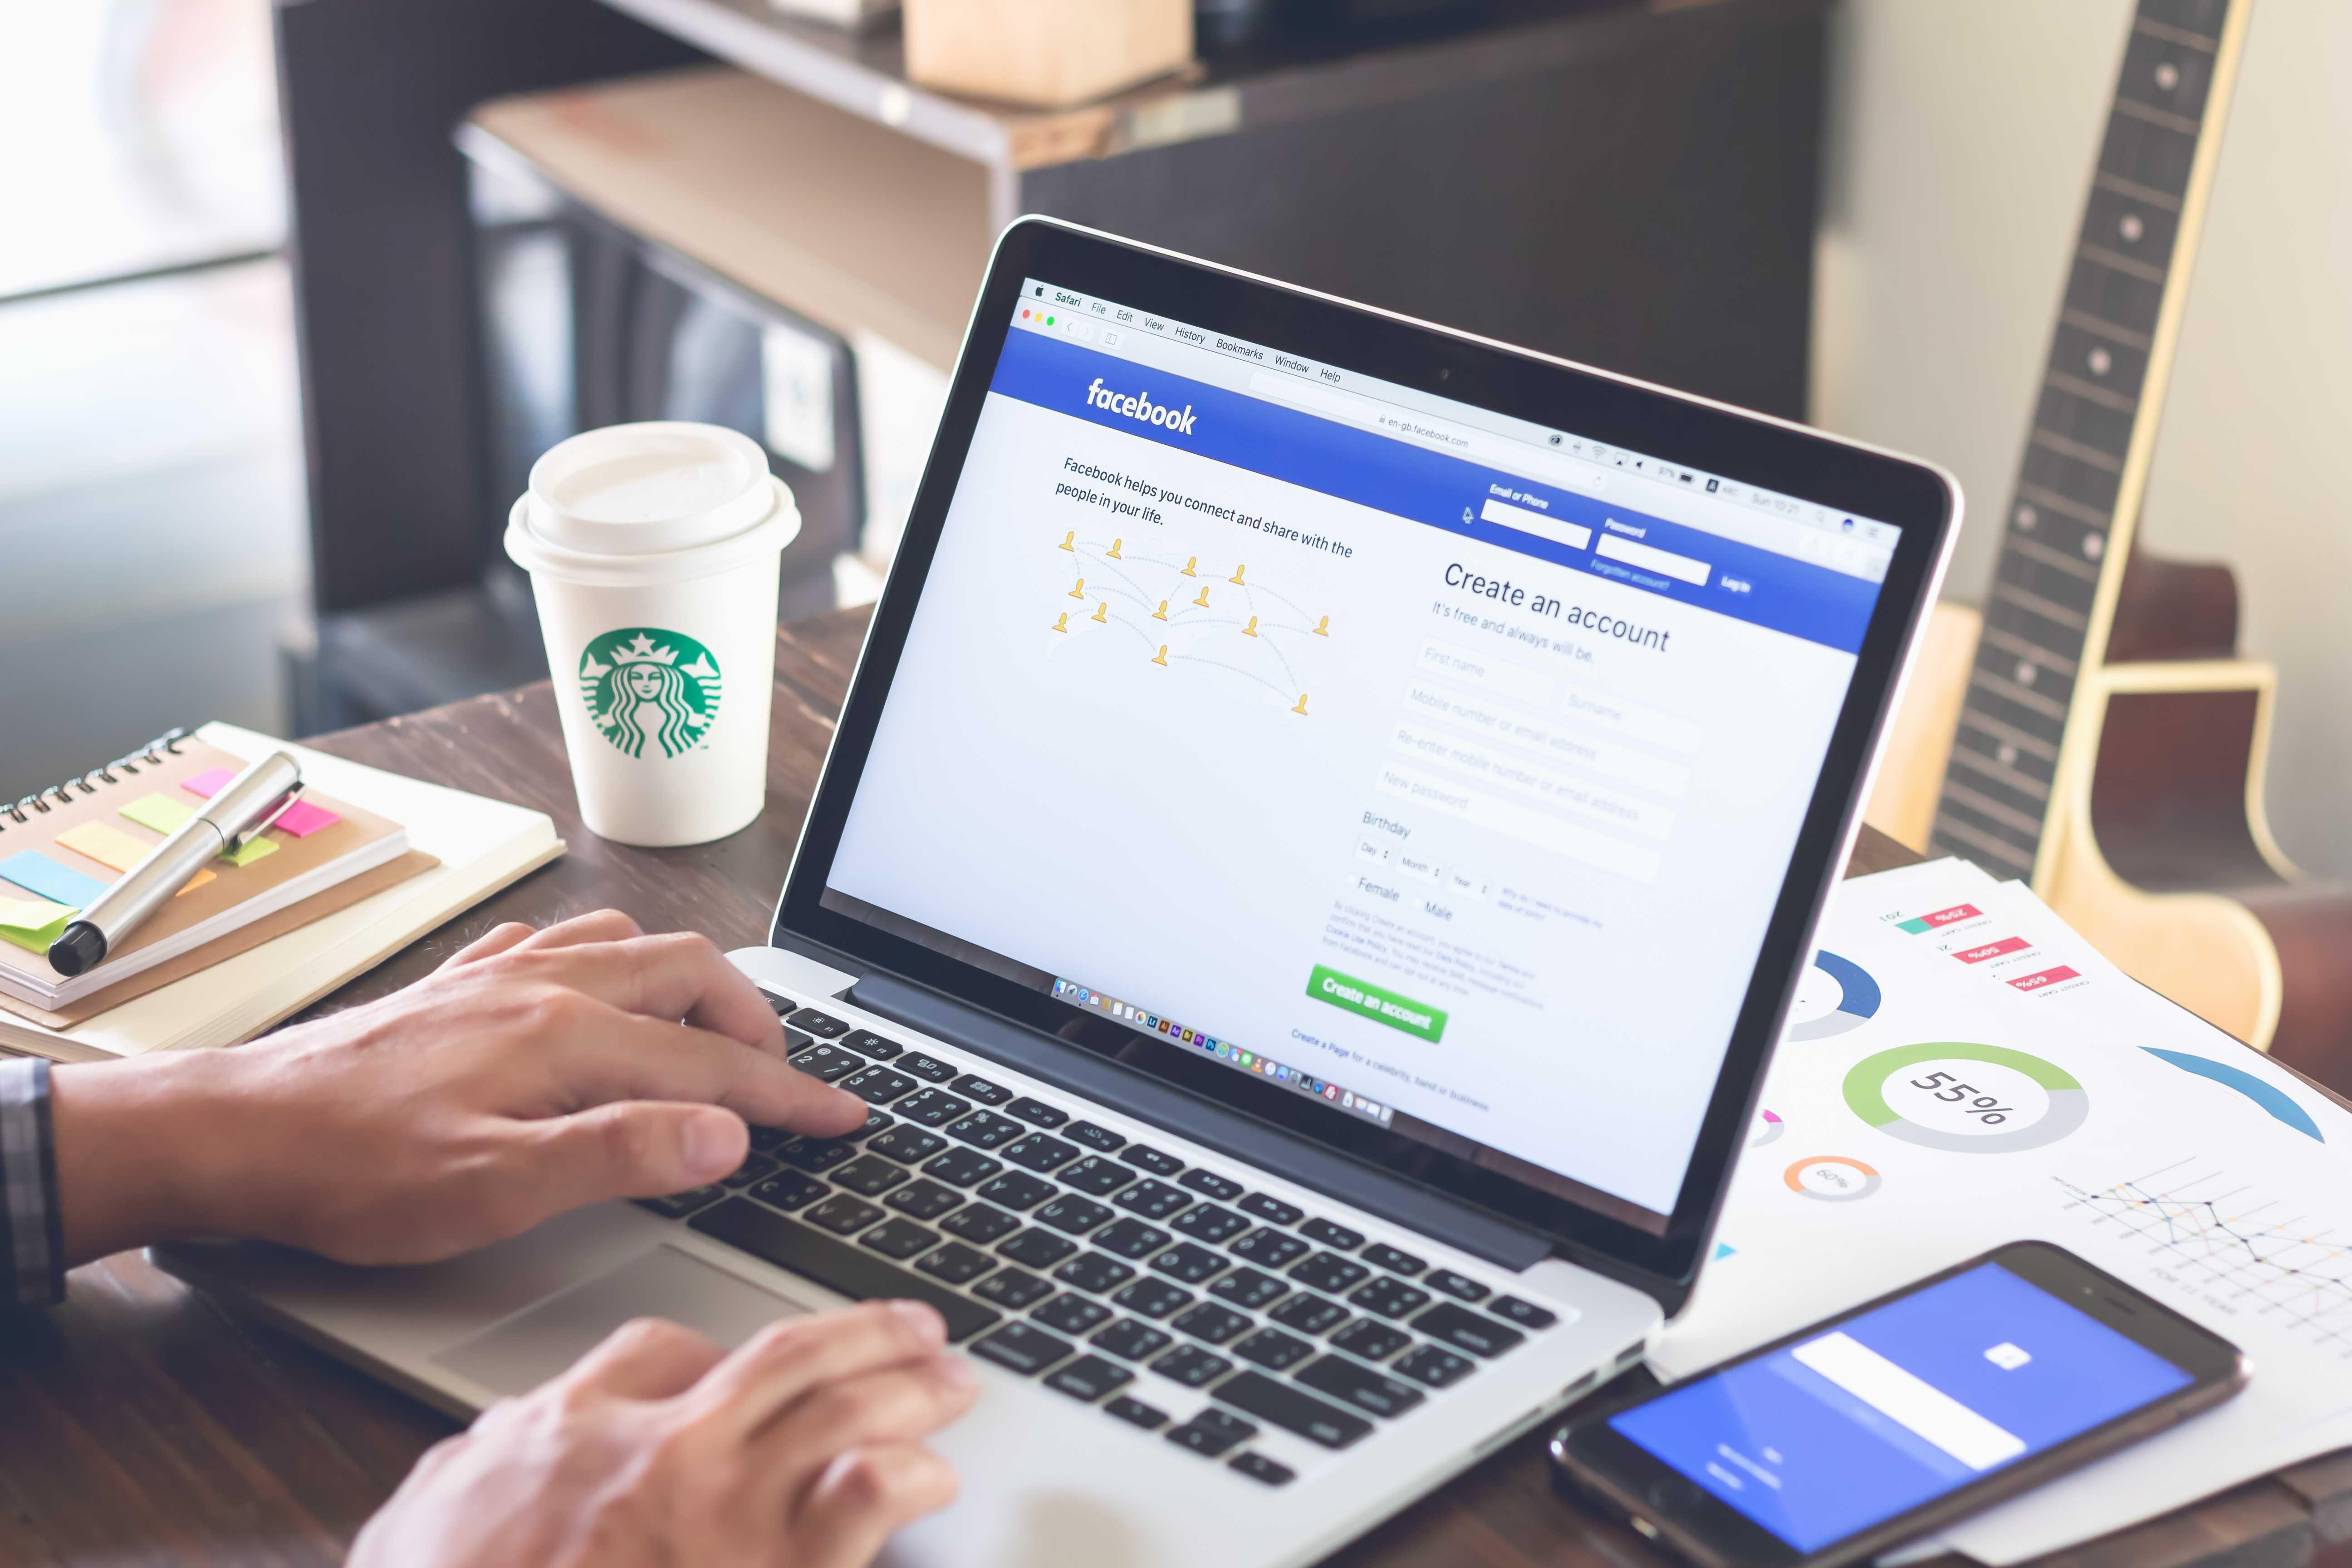 Whistleblower vs. Trump: Facebook & Youtube gegen Identifizierung, Twitter nicht